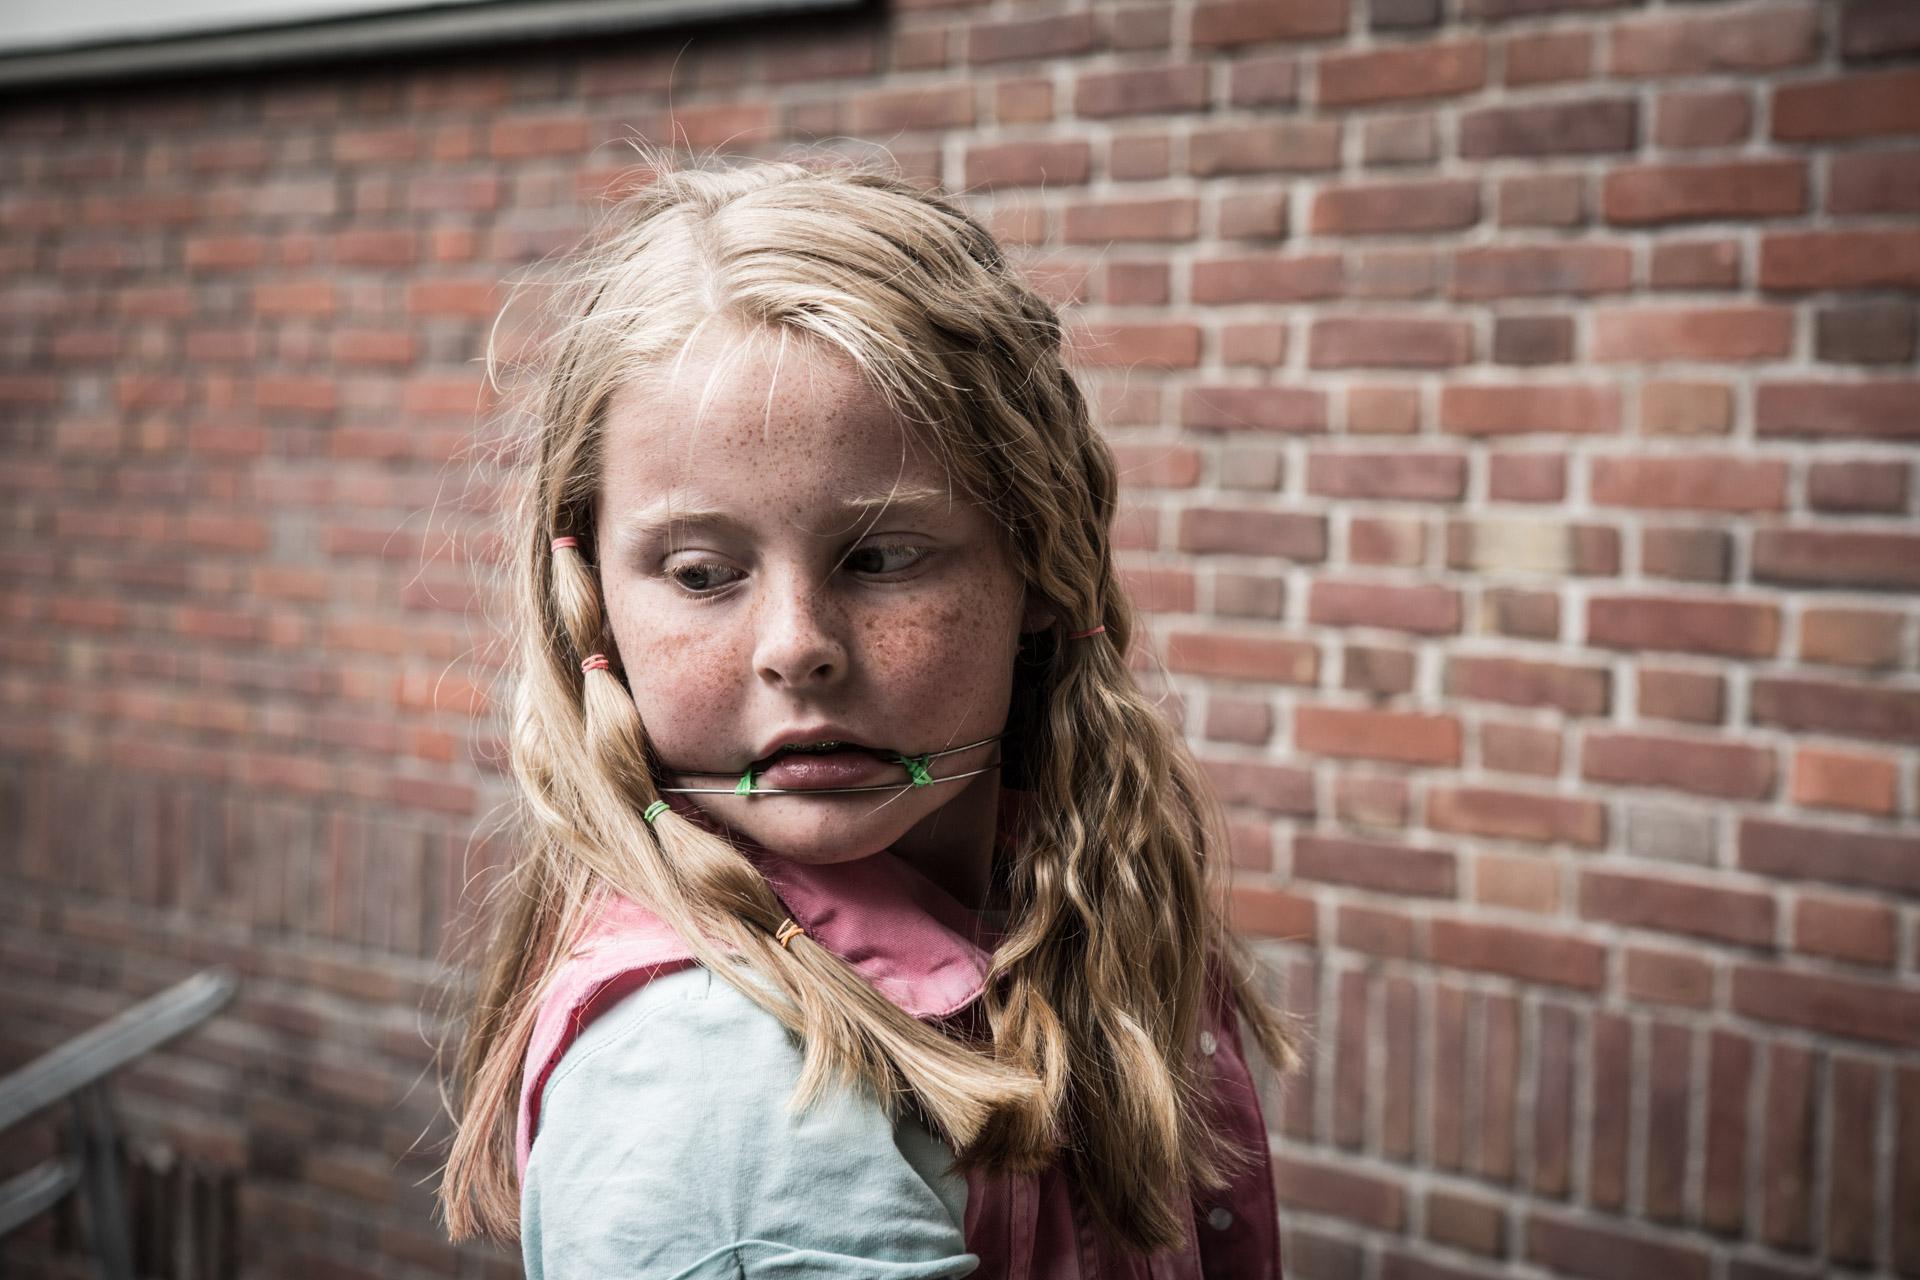 Rundfunk20062015_BTS_StijnHoekstra-34.jpg